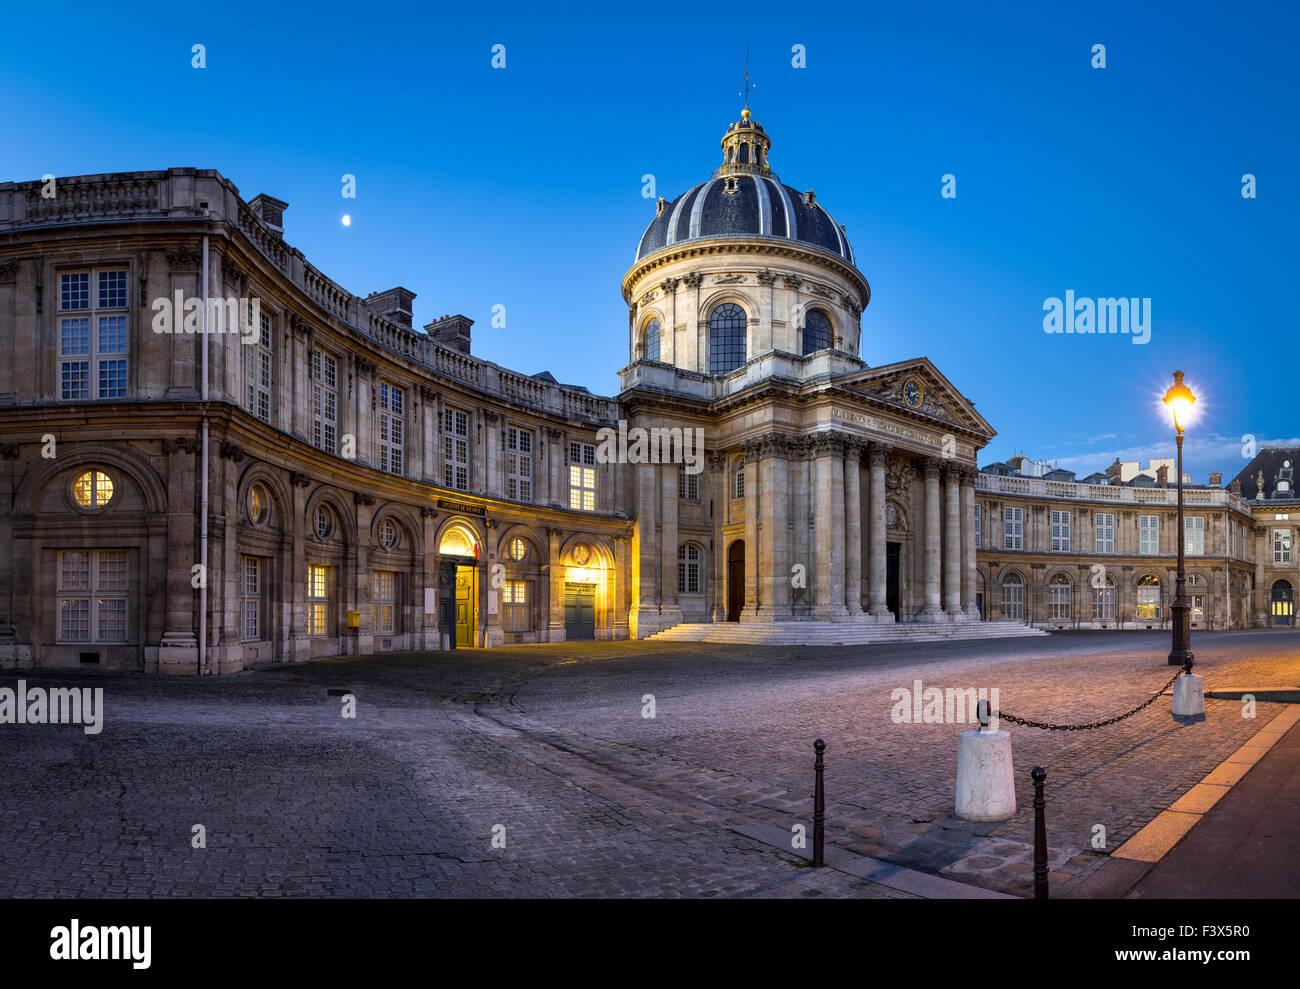 Innenhof des französischen Instituts (Institut de France), Heimat der französischen Akademie, im Morgengrauen, Stockbild